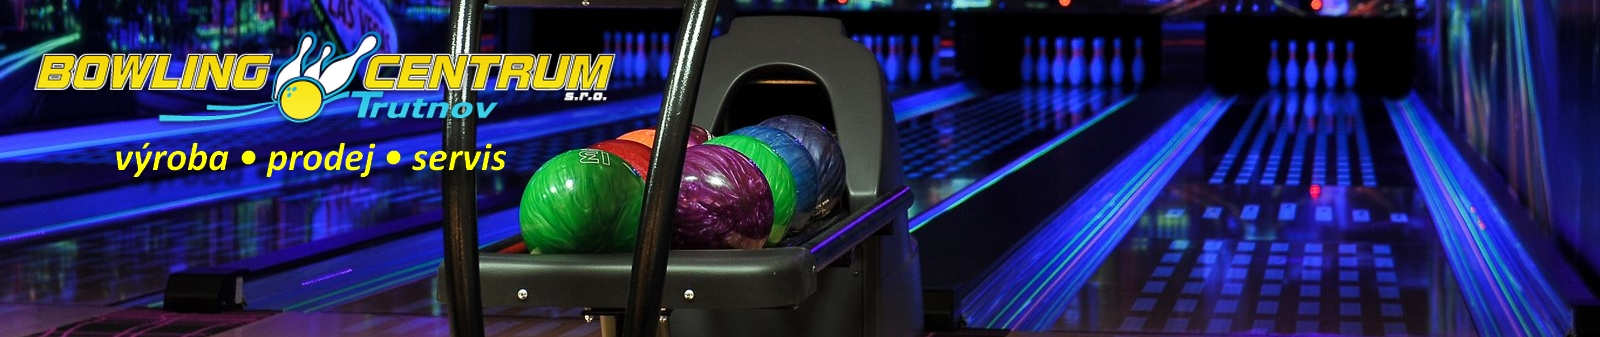 Bowling-Centrum s.r.o.